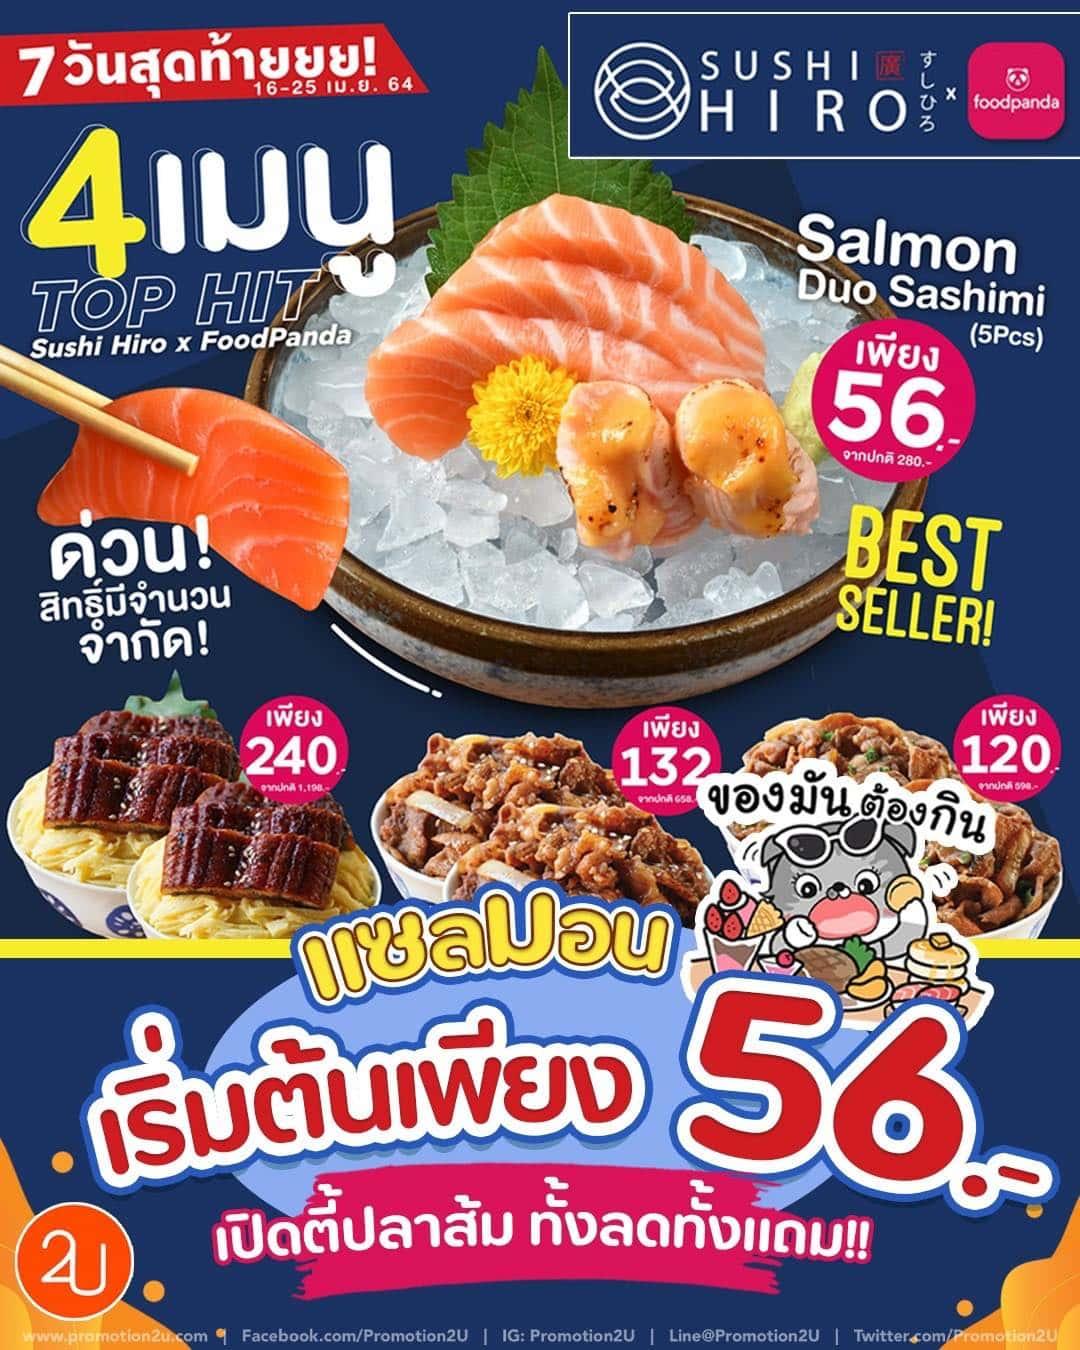 Sushi Hiro x Foodpanda โปรฯแรงสุดพิเศษ แซลมอนเริ่มต้น 56.- เท่านั้น!!